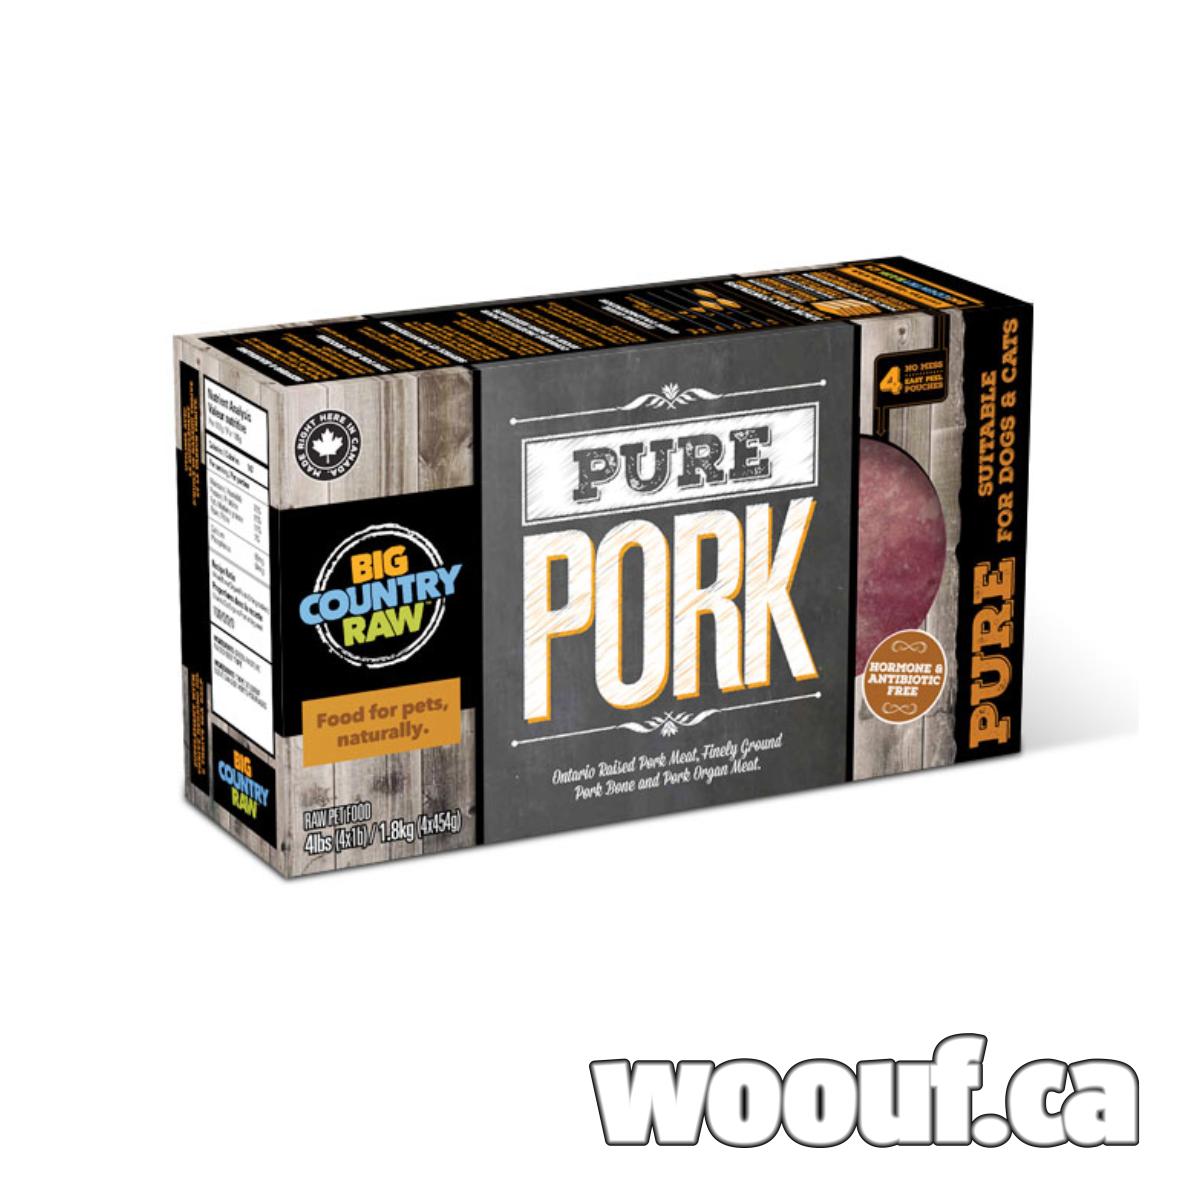 BCR Pure - Porc 4x 1lb